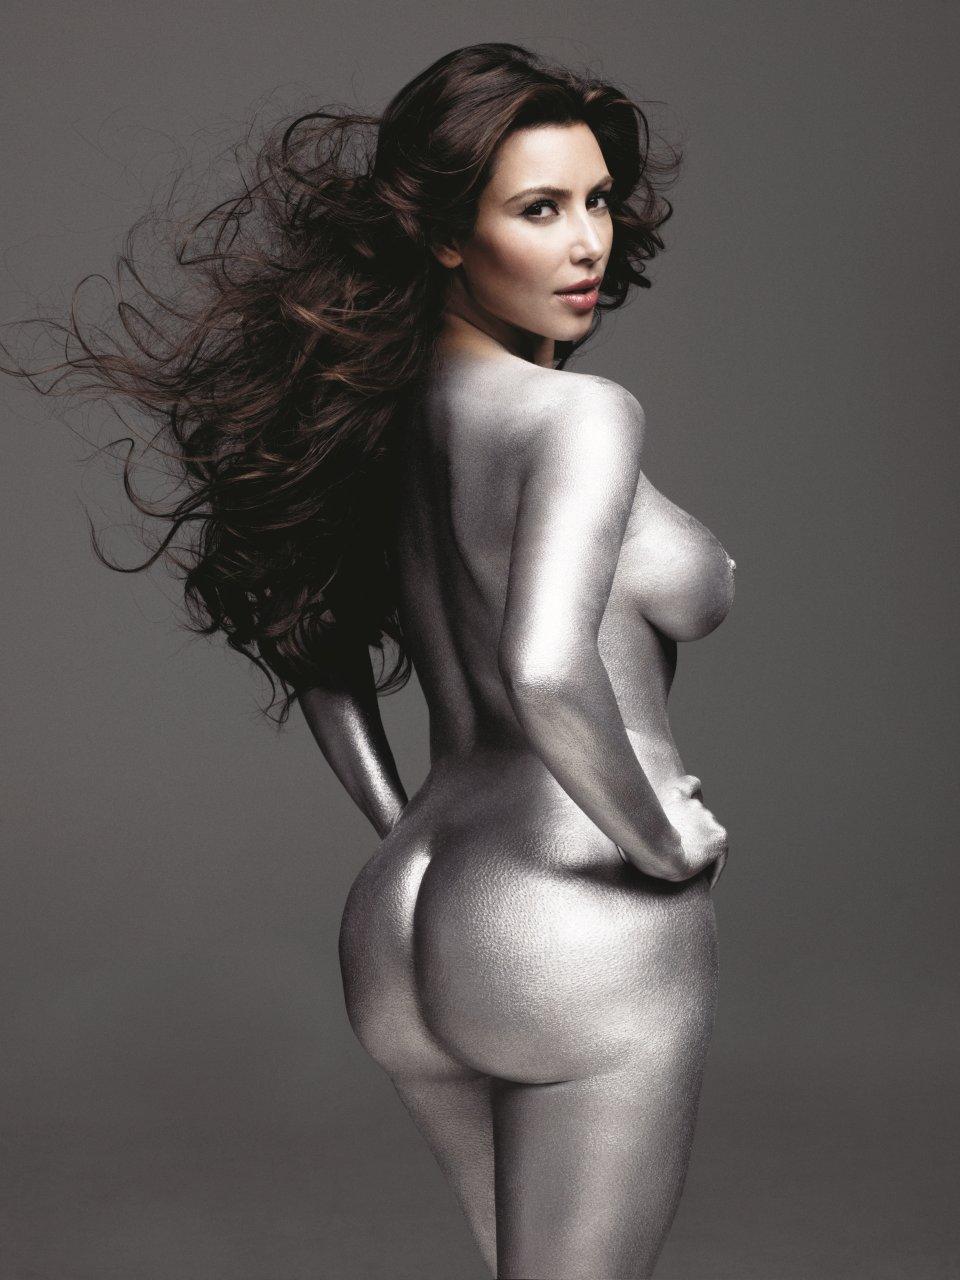 Kim kardashian sexy think